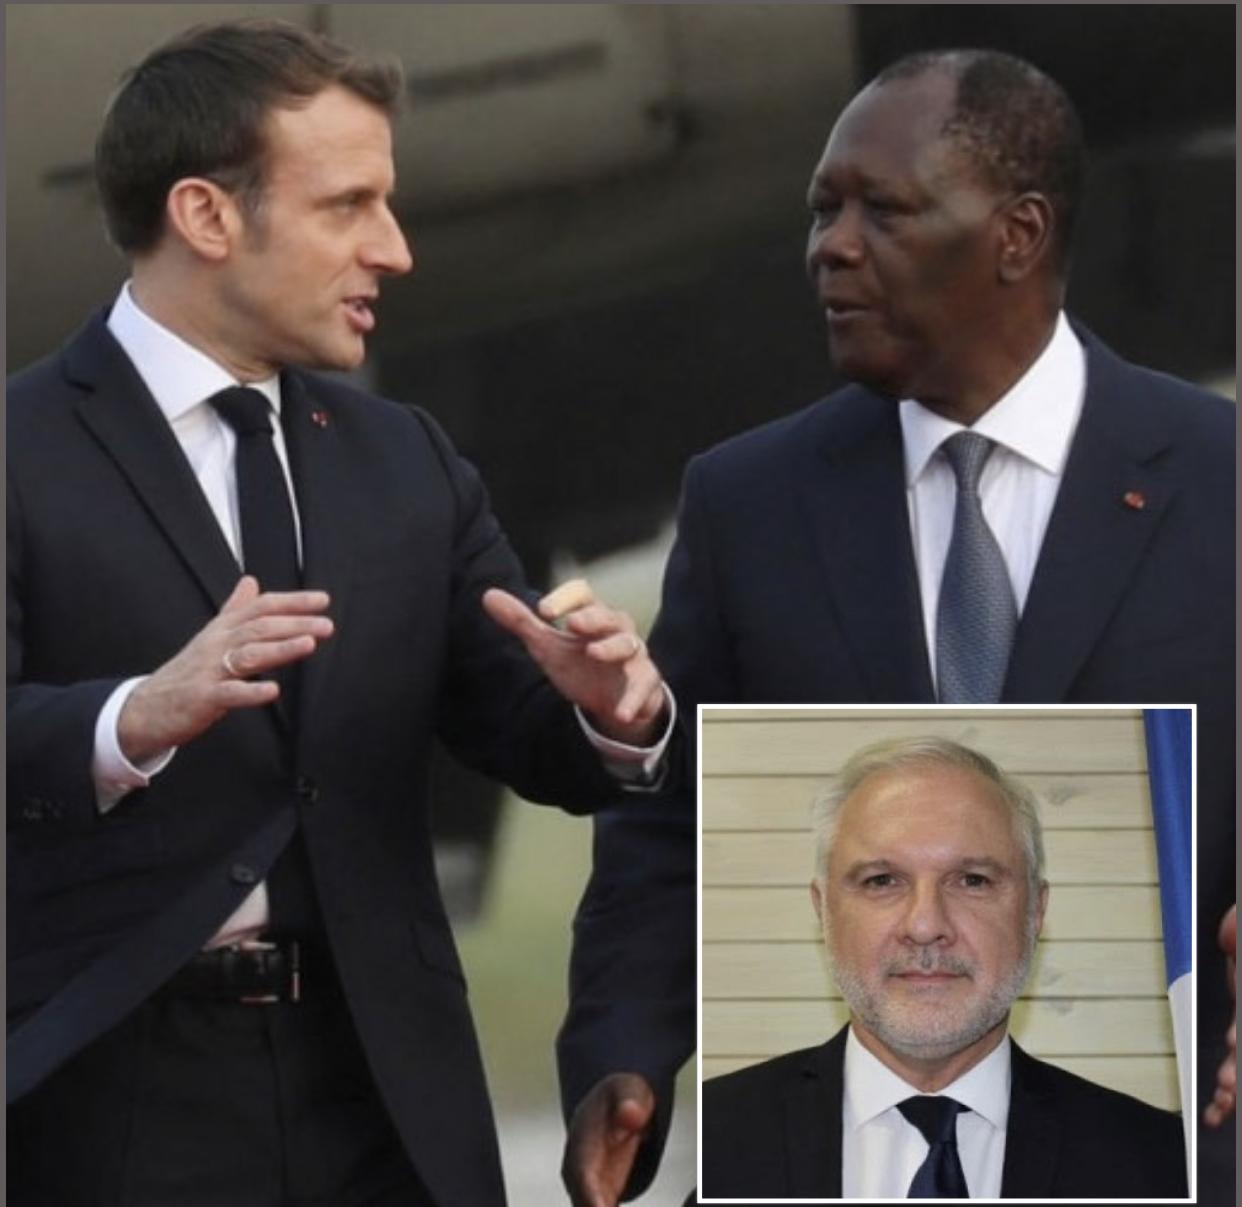 Paris rappelle son ambassadeur en Côte d'Ivoire : Macron lâche-t-il ADO ?